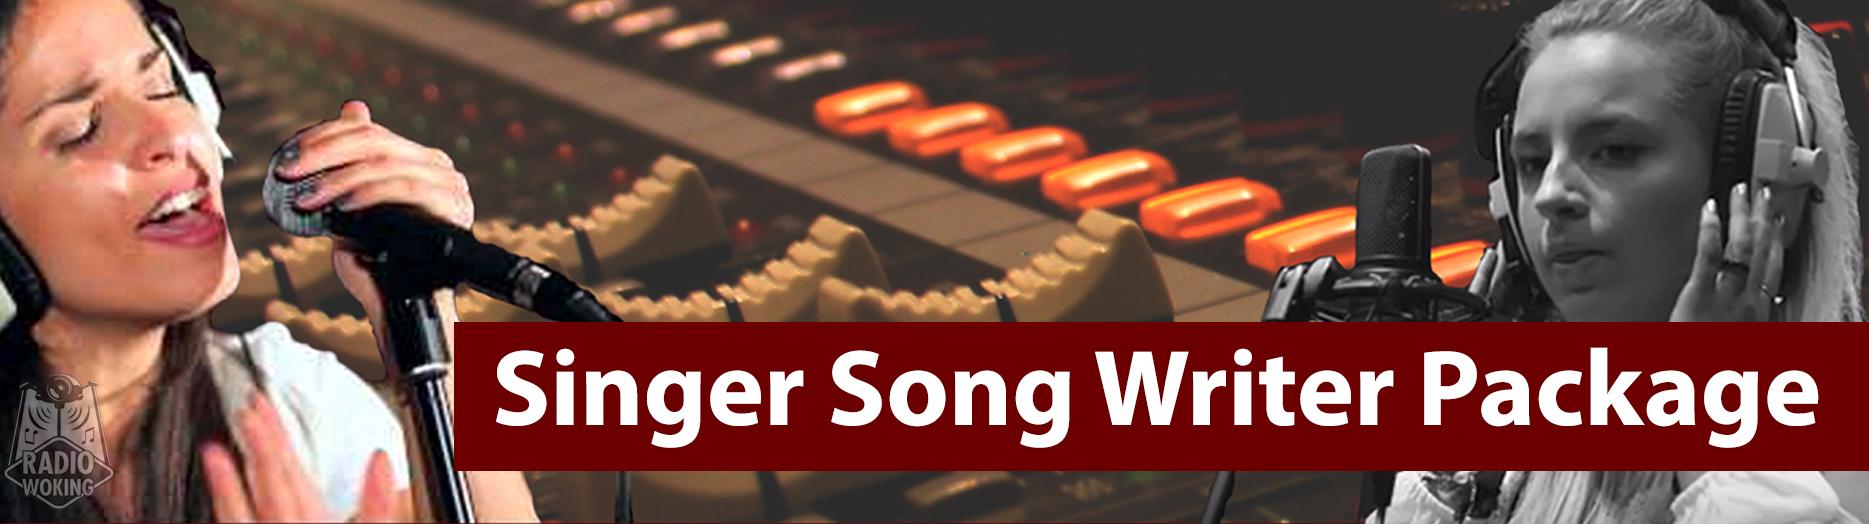 singer-song-writer-banner-1